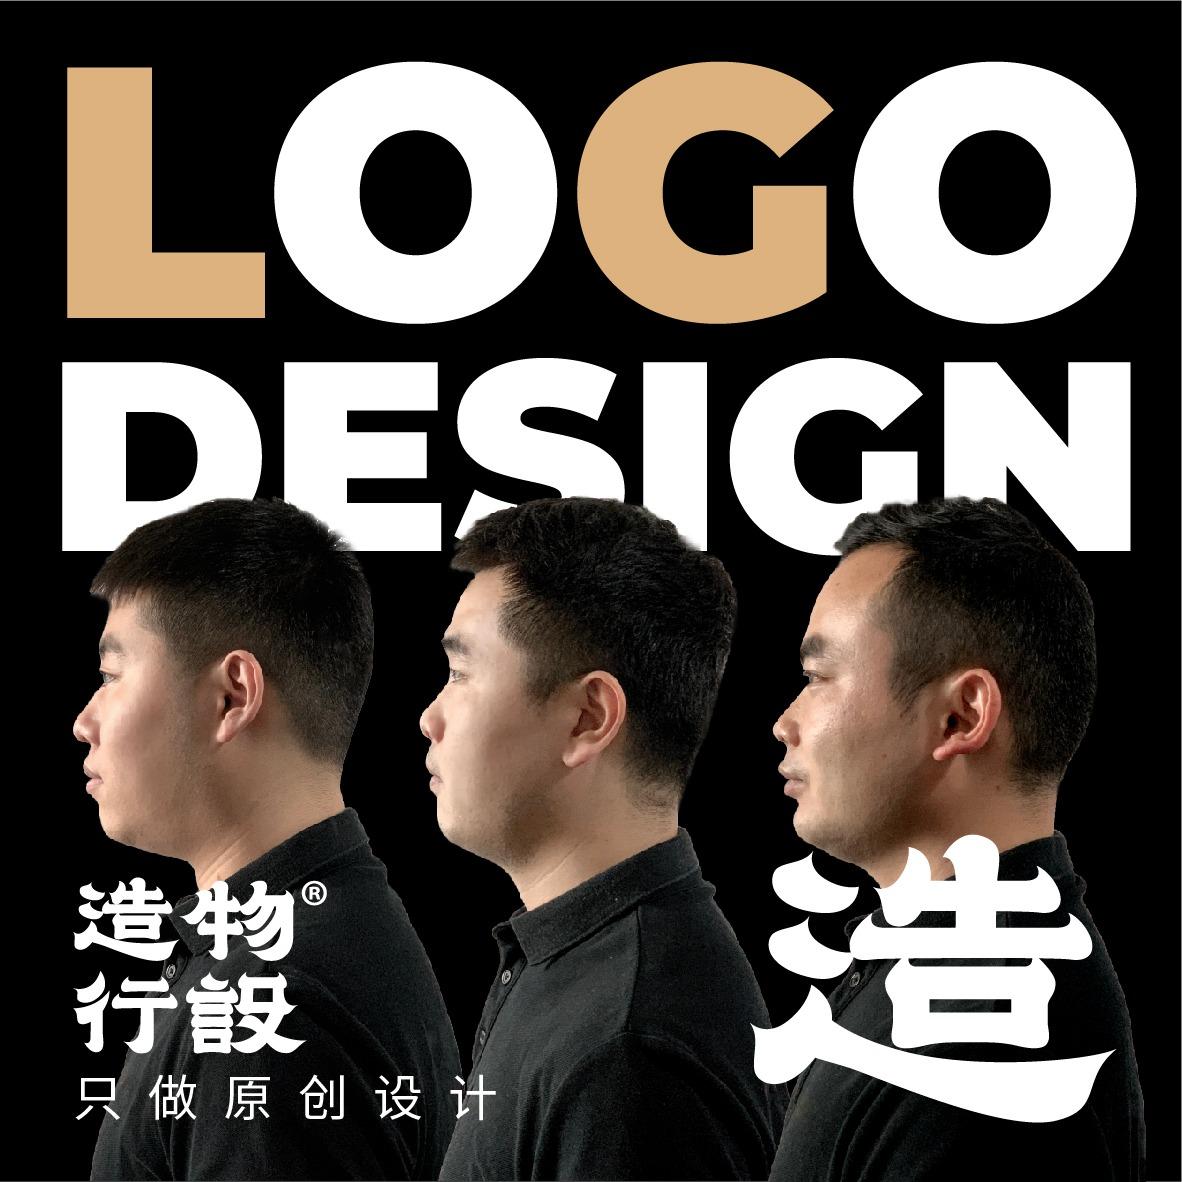 网红品牌总监LOGO设计原创图文字体公司企业商标logo